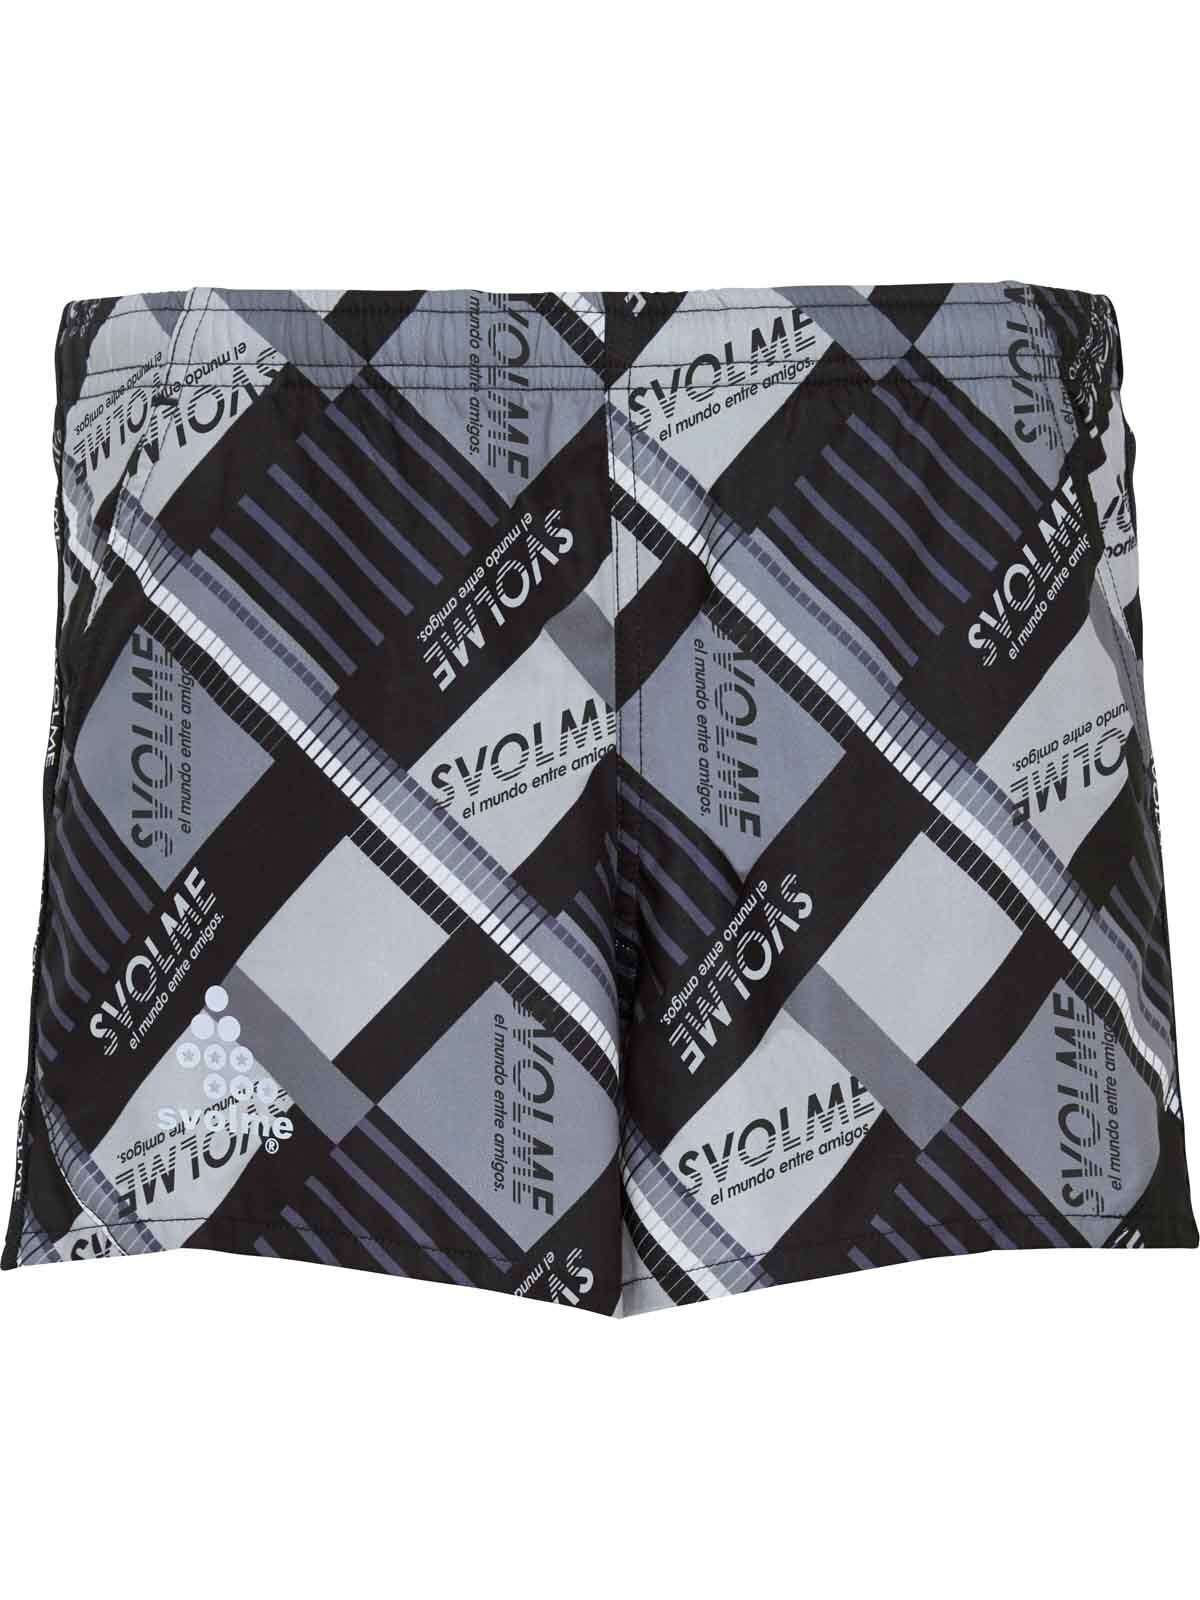 SVOLME  スボルメ Ws(ウィメンズ)クレイジーパターンランパン BLACK*GY(ブラック×グレ-)7201-07102